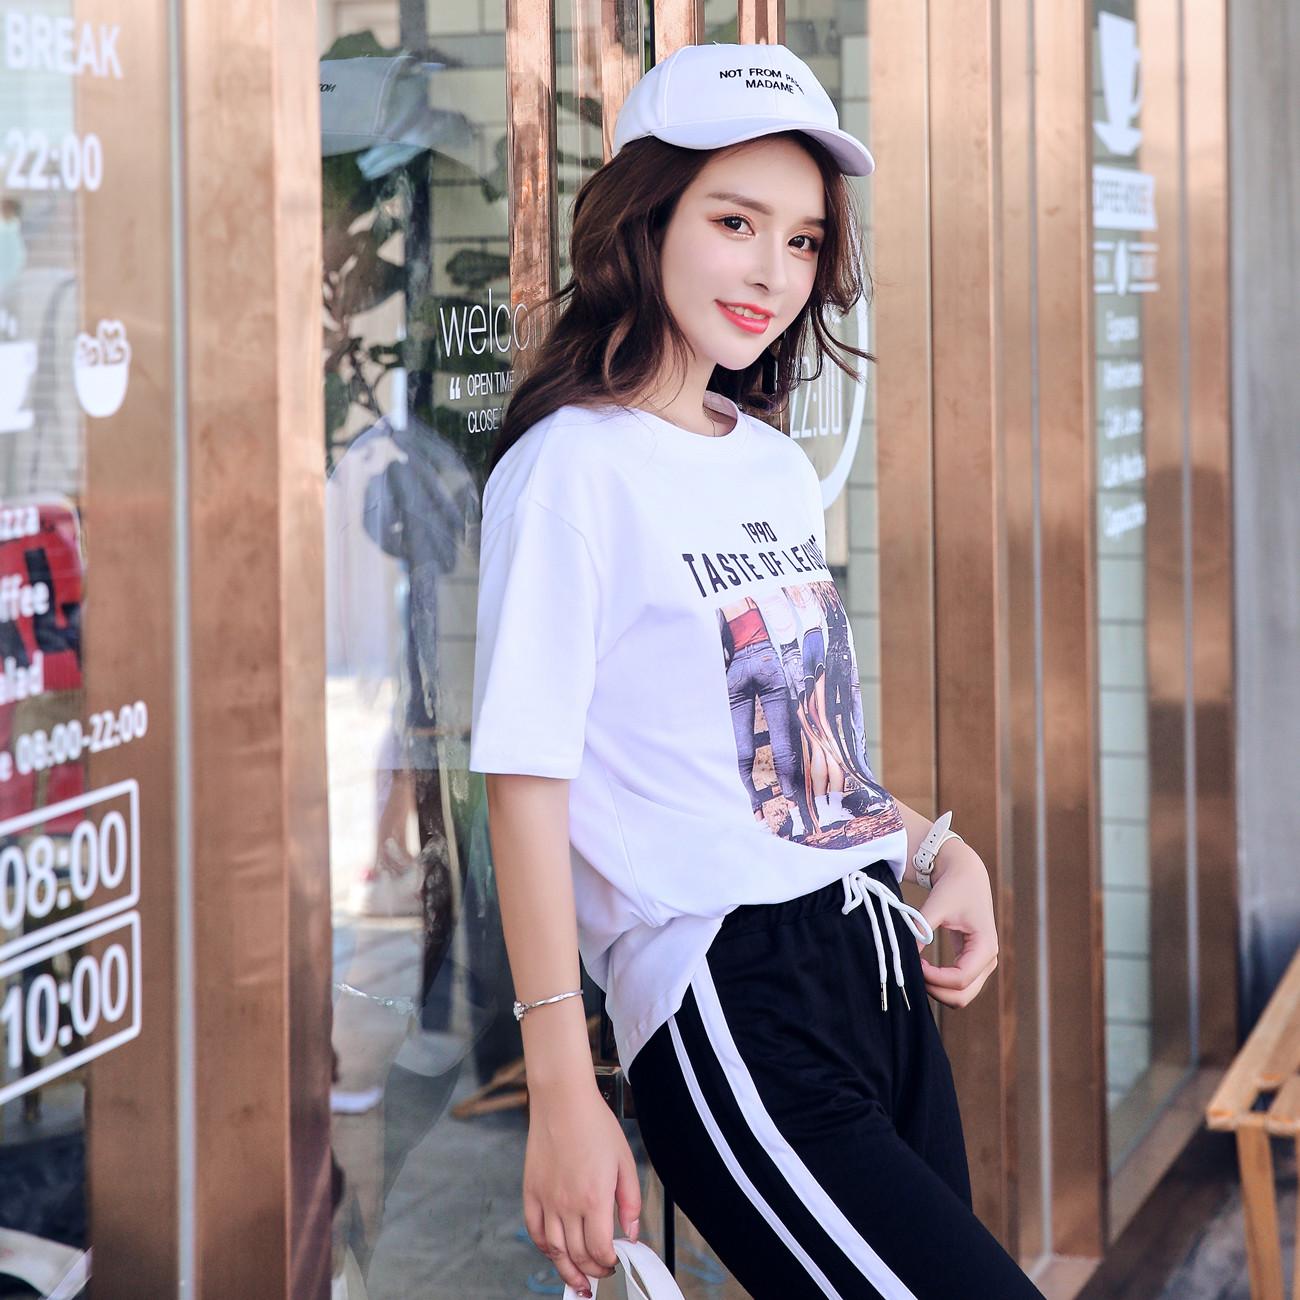 黛莎朵2018夏季新款女装韩版潮宽松bf风人像印花短袖T恤上衣半袖